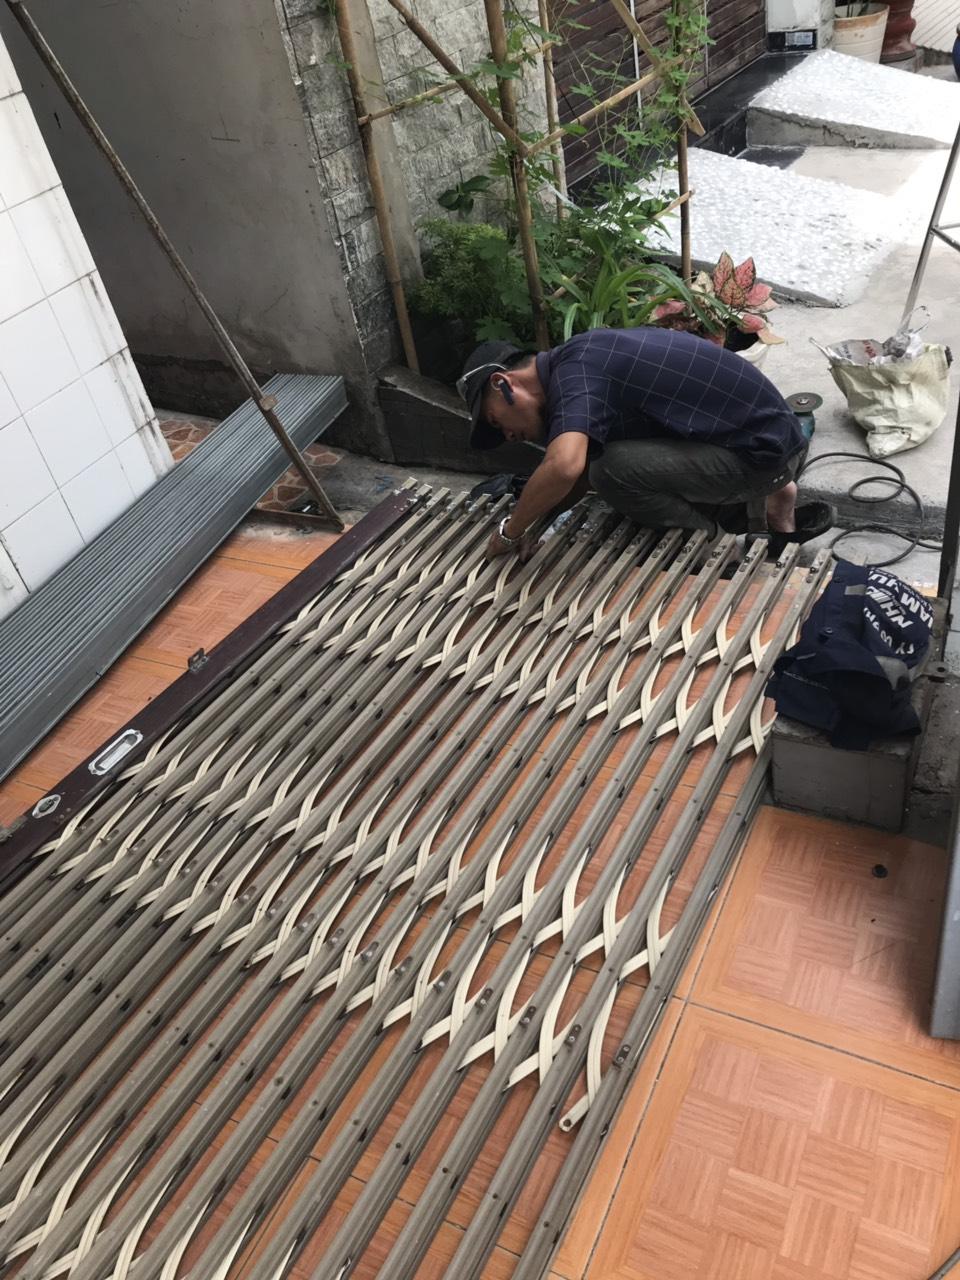 Dịch vụ sửa cửa kéo uy tín chất lượng